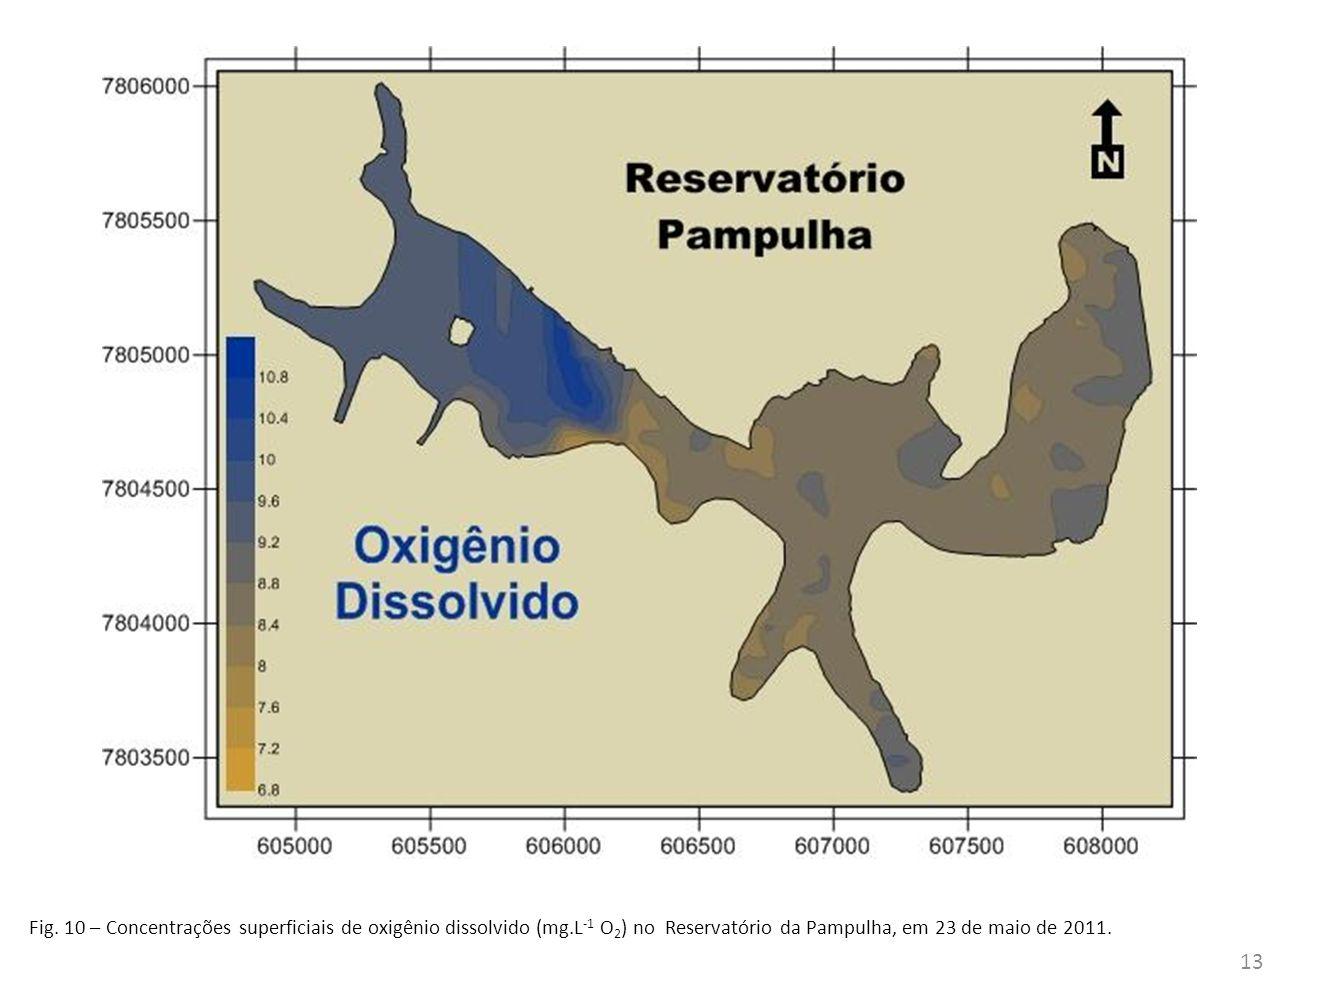 Fig. 10 – Concentrações superficiais de oxigênio dissolvido (mg